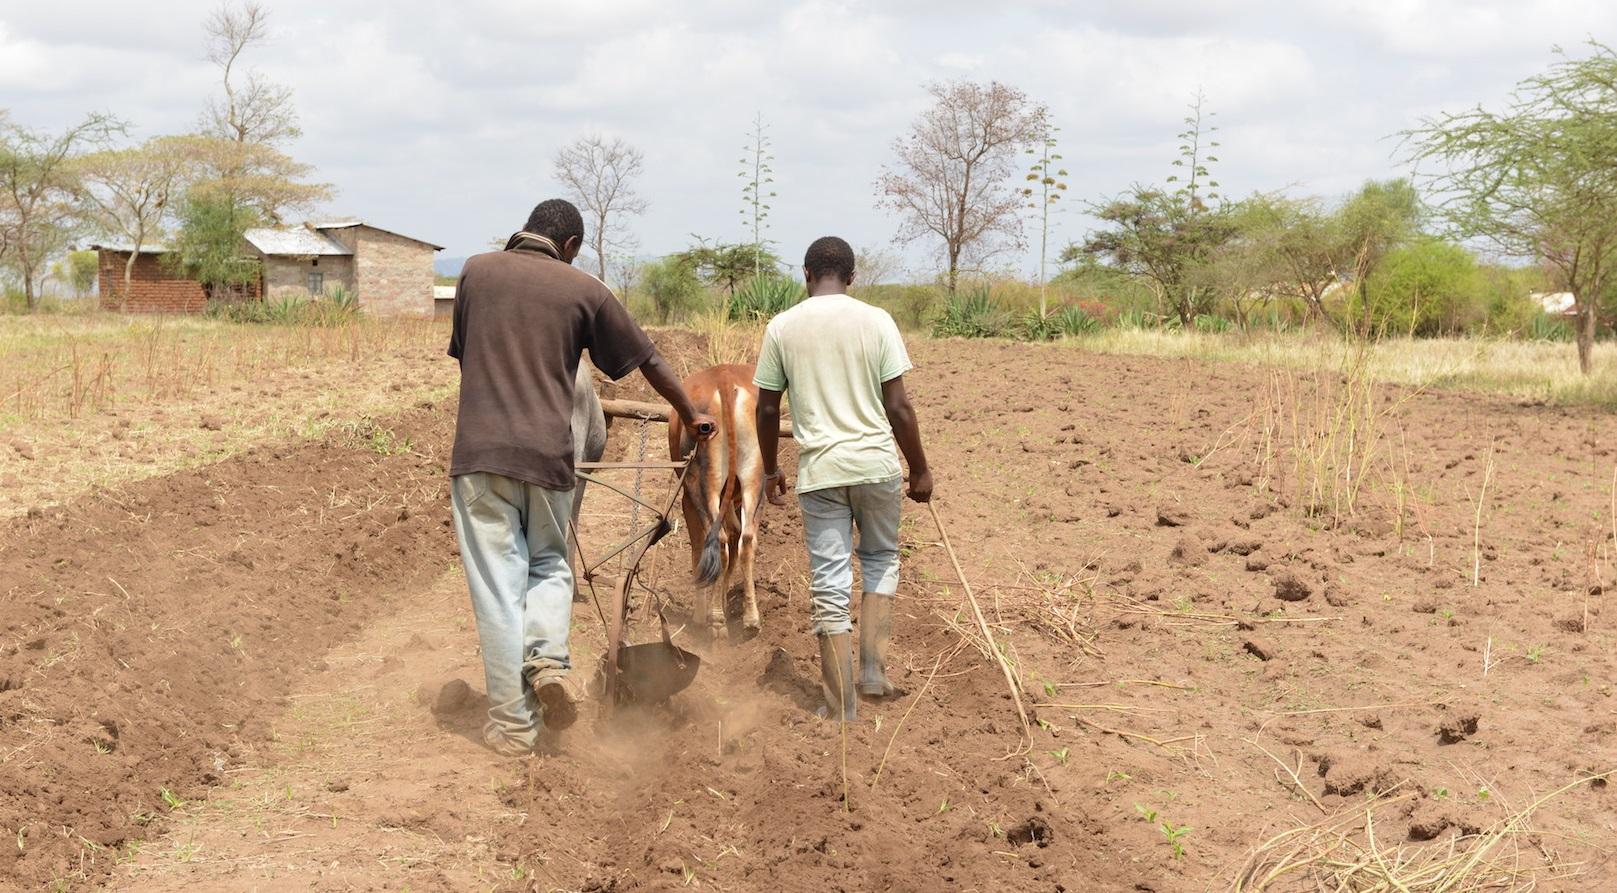 Kenyan farmers and love making www.businesstoday.co.ke